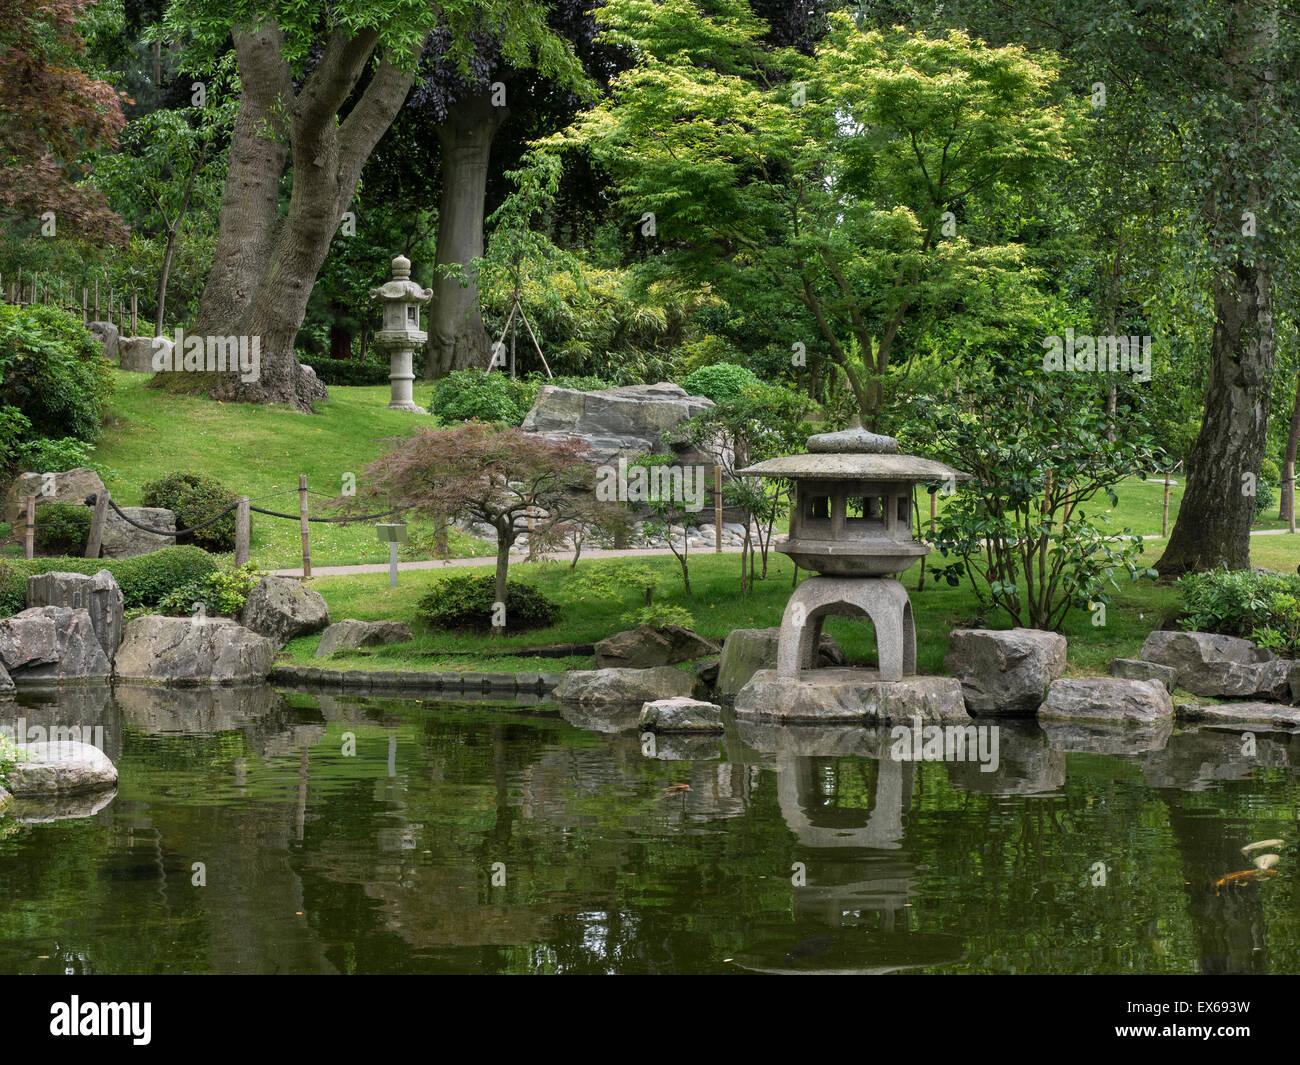 Kyoto Garden Holland Park London England